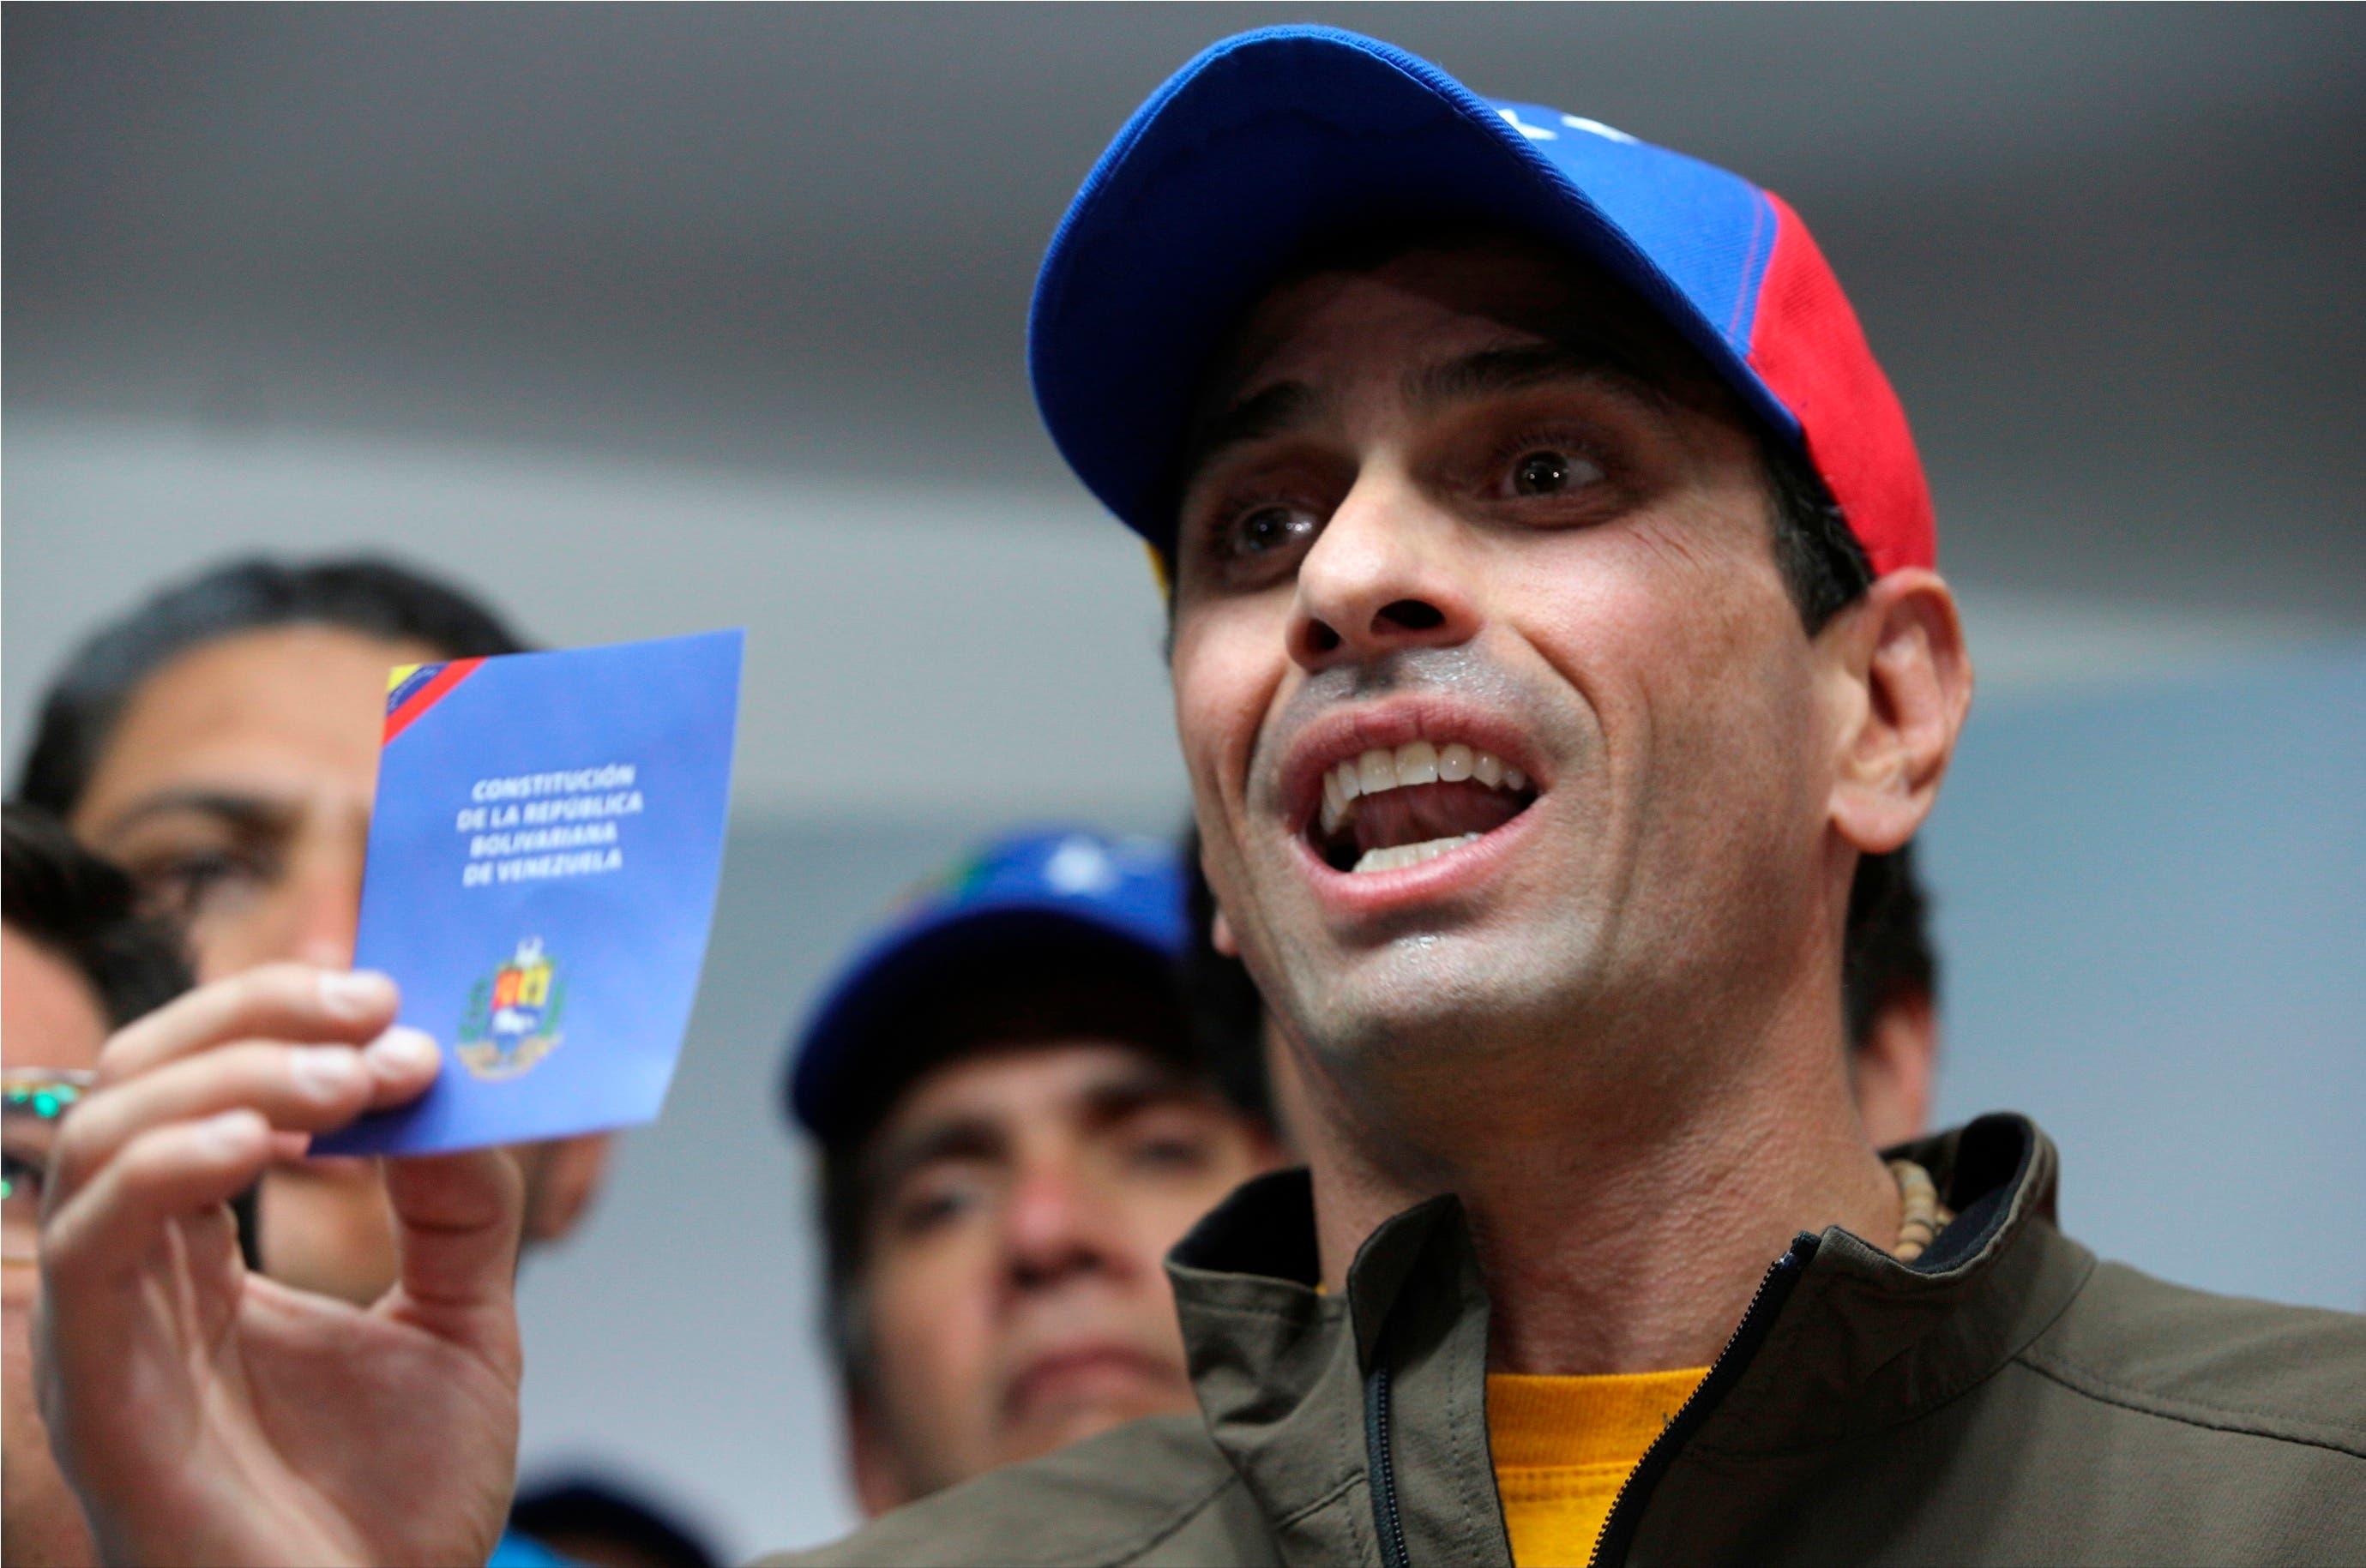 Lo instamos a reconsiderar inhabilitación de Capriles — EEUU a Maduro